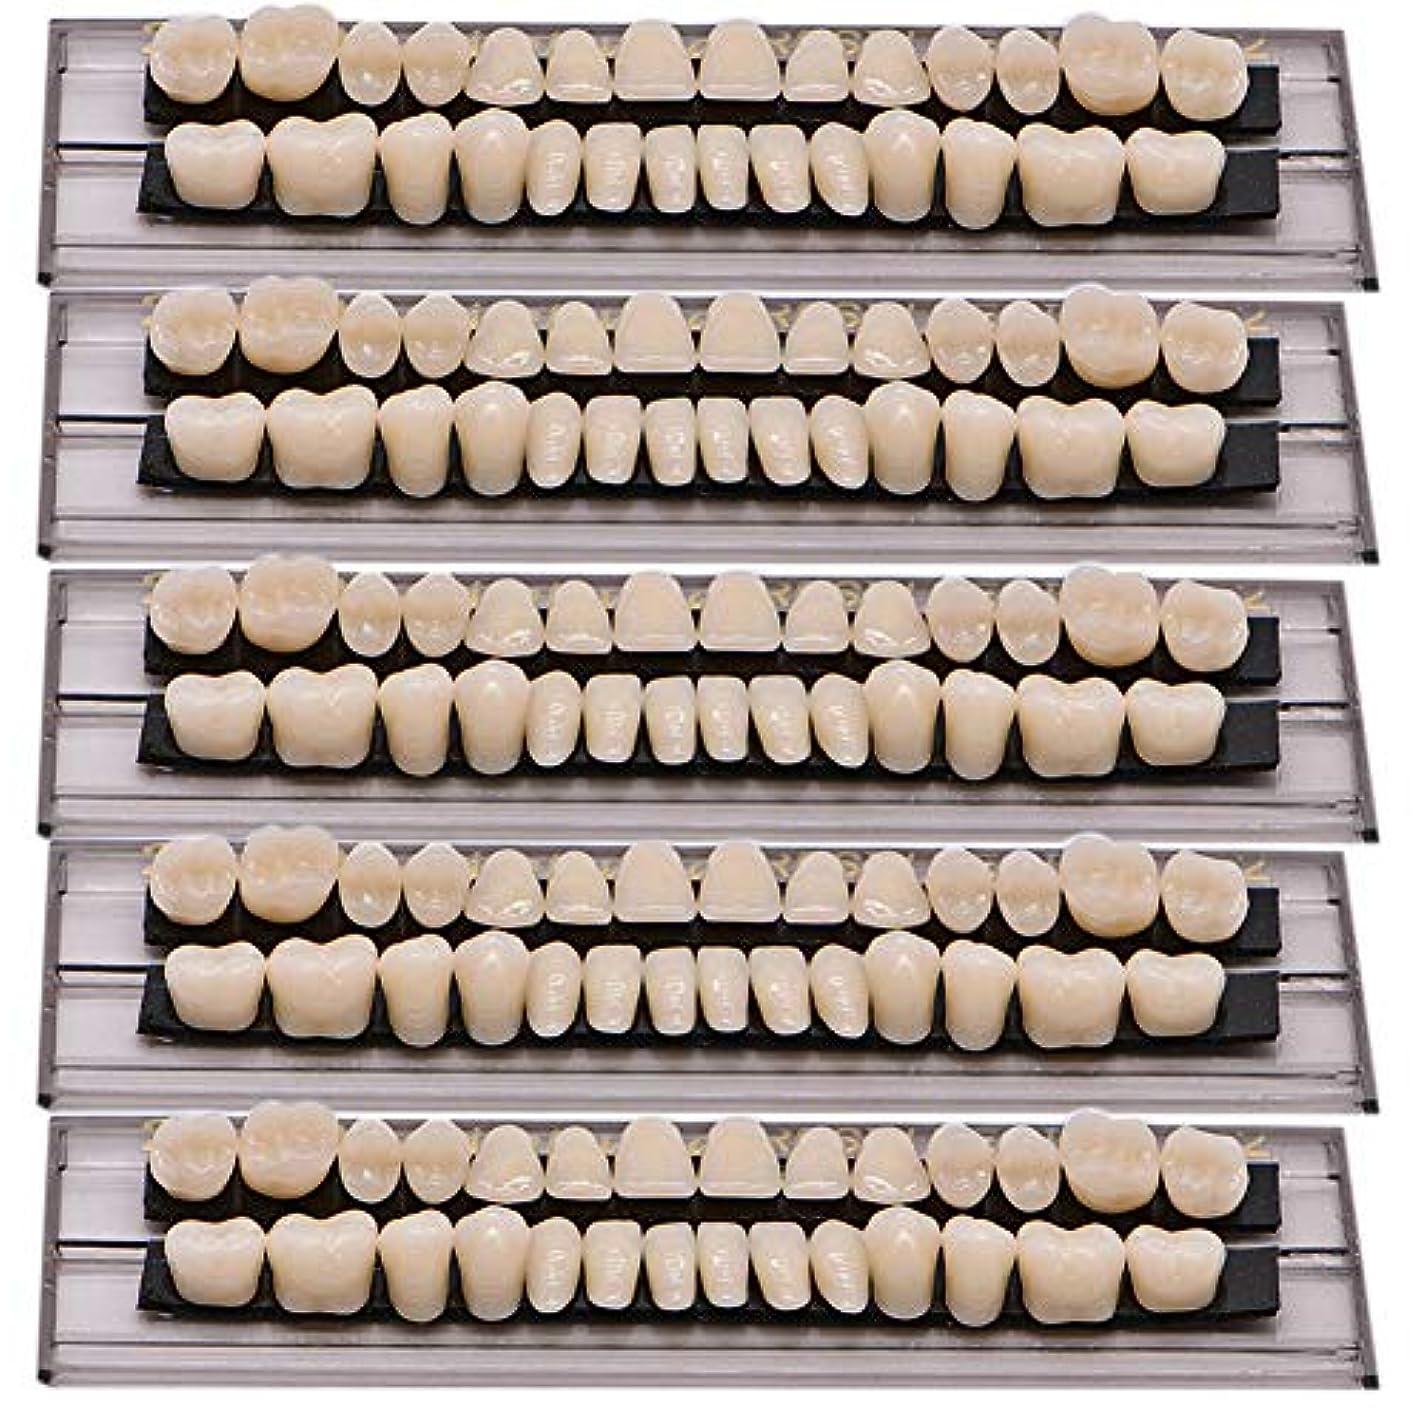 寄託ナチュラルとげのあるOral Dentistry 入れ歯ケア 口腔歯科 歯科用アクリル 樹脂 義歯キット ハロウィンホラーの小道具 ホワイト義歯23 A2 アップ&ダウン歯科28個/セット(A2/5セット)